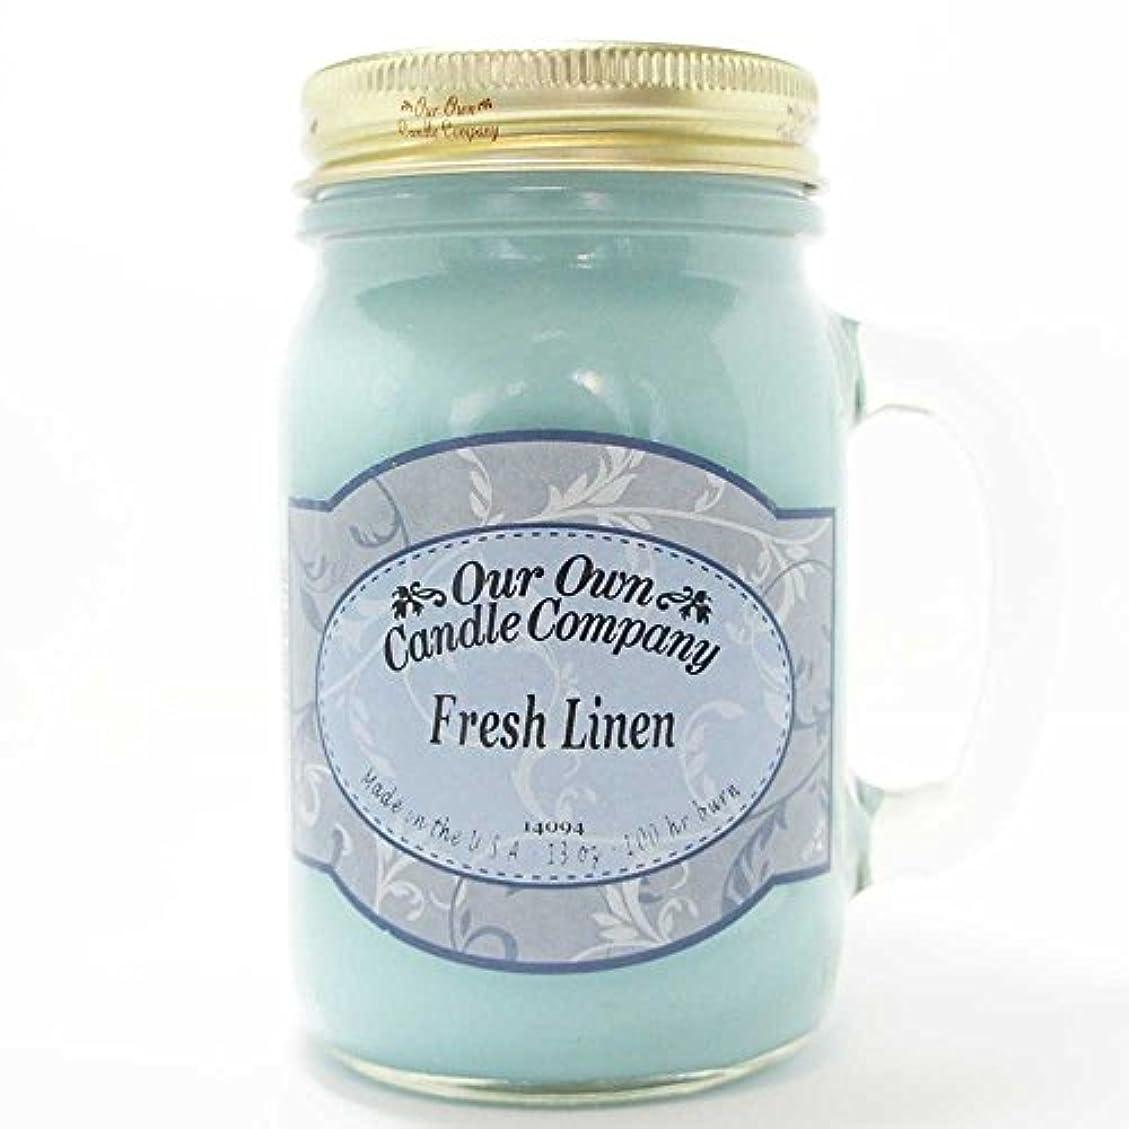 ポスター高速道路険しいアロマキャンドル メイソンジャー フレッシュリネン ビッグ Our Own Candle Company Fresh Linen big